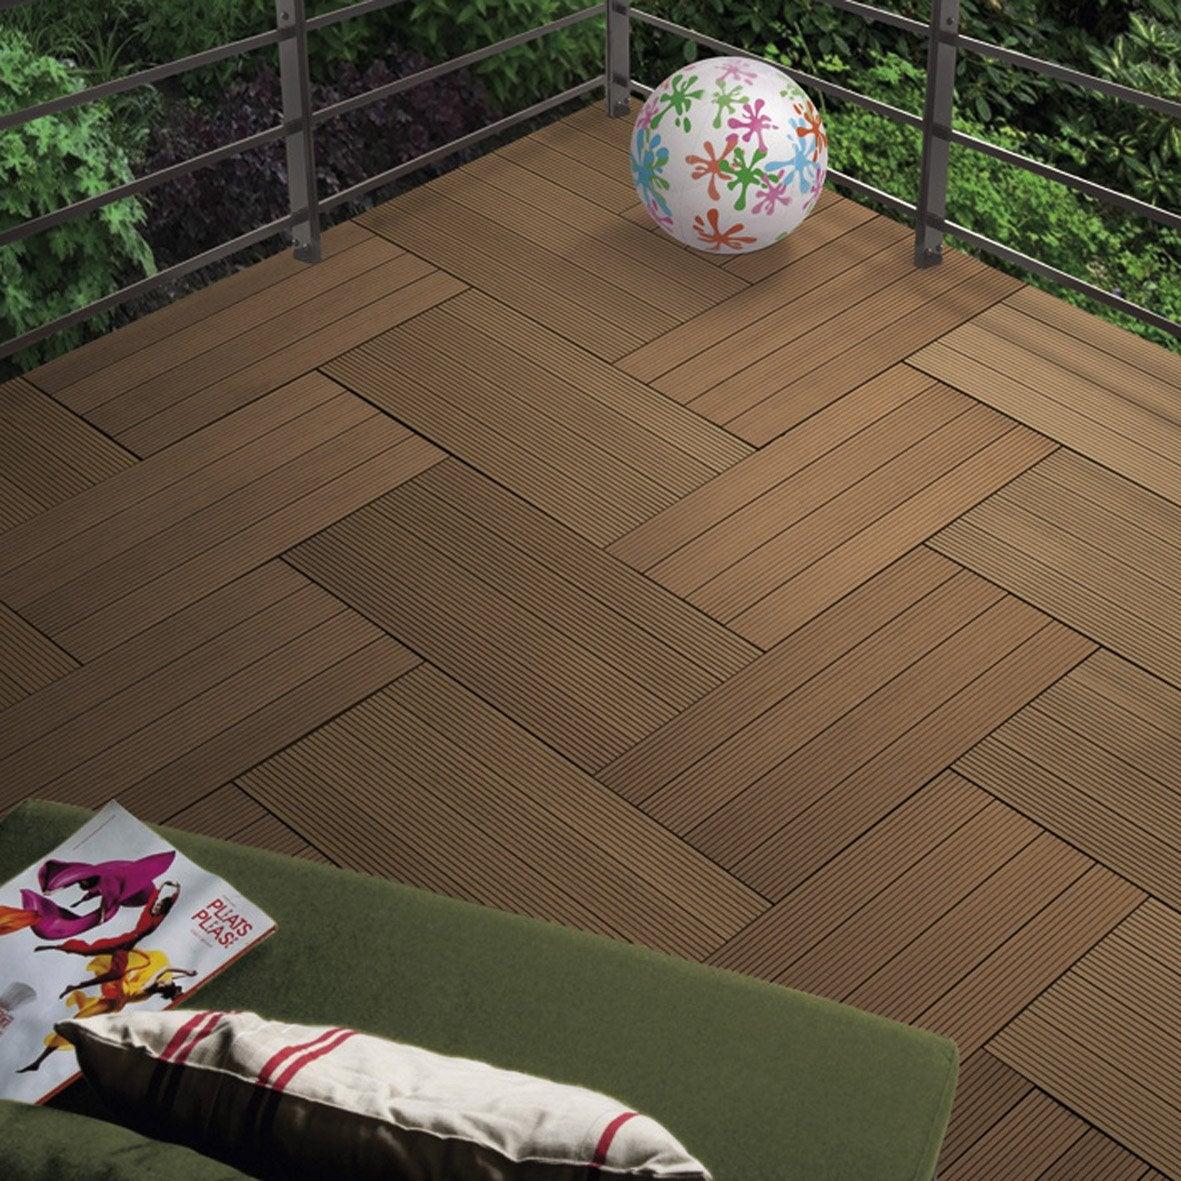 lot de 4 dalles clipsables composite snap go chocolat x cm x ep leroy merlin. Black Bedroom Furniture Sets. Home Design Ideas